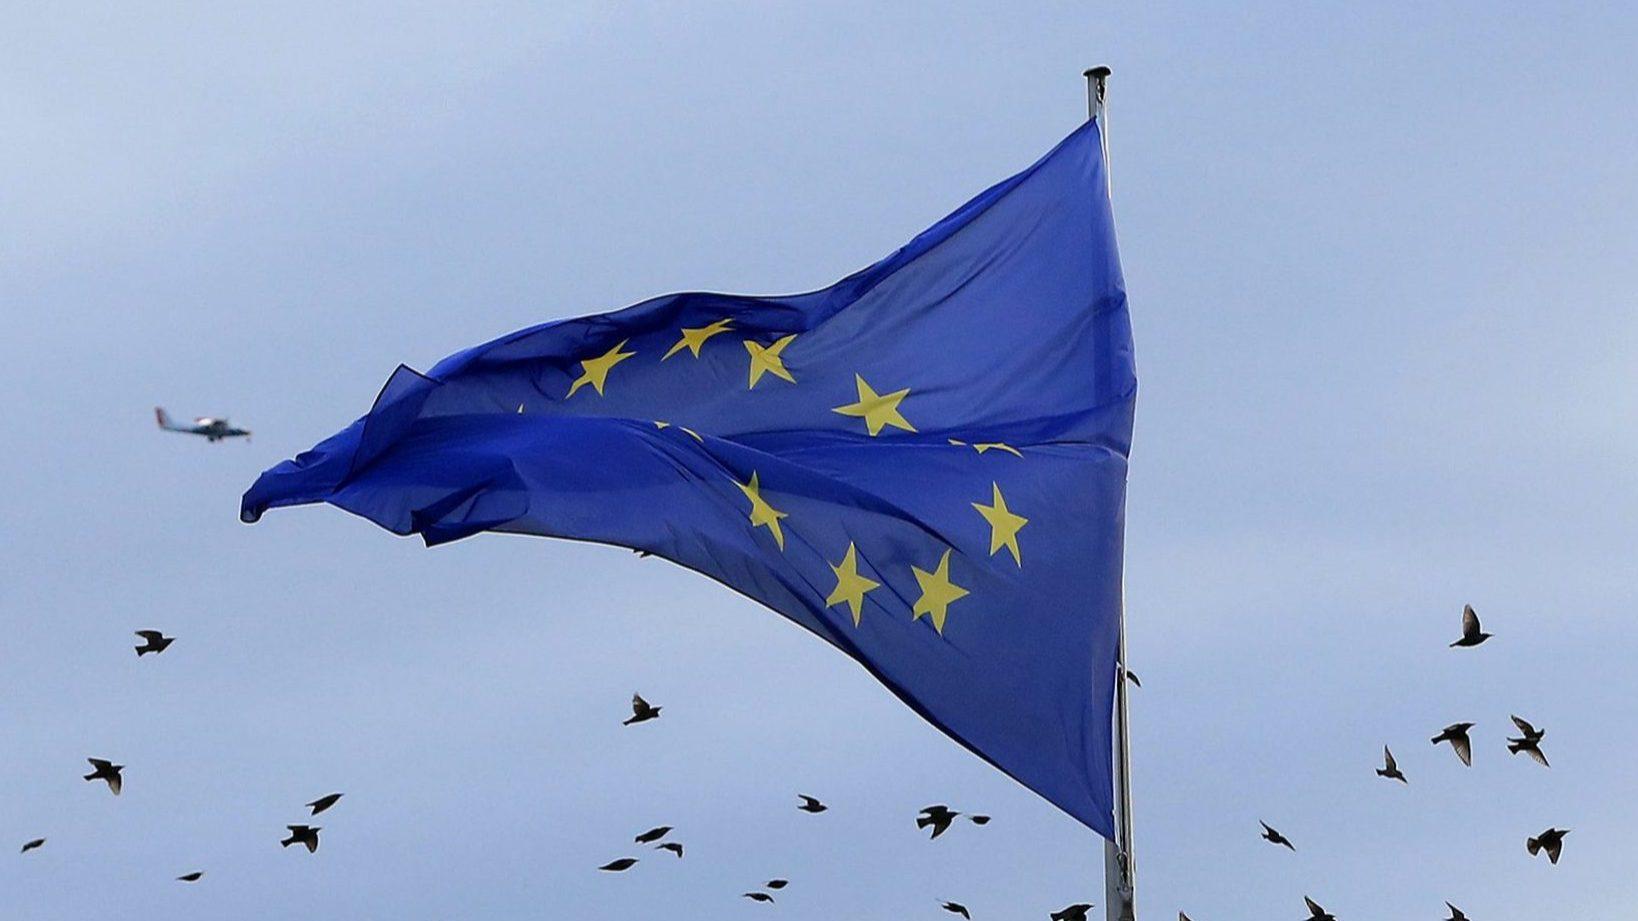 Reinício dos trabalhos adiado, acordo sobre orçamento da UE parece cada vez mais distante